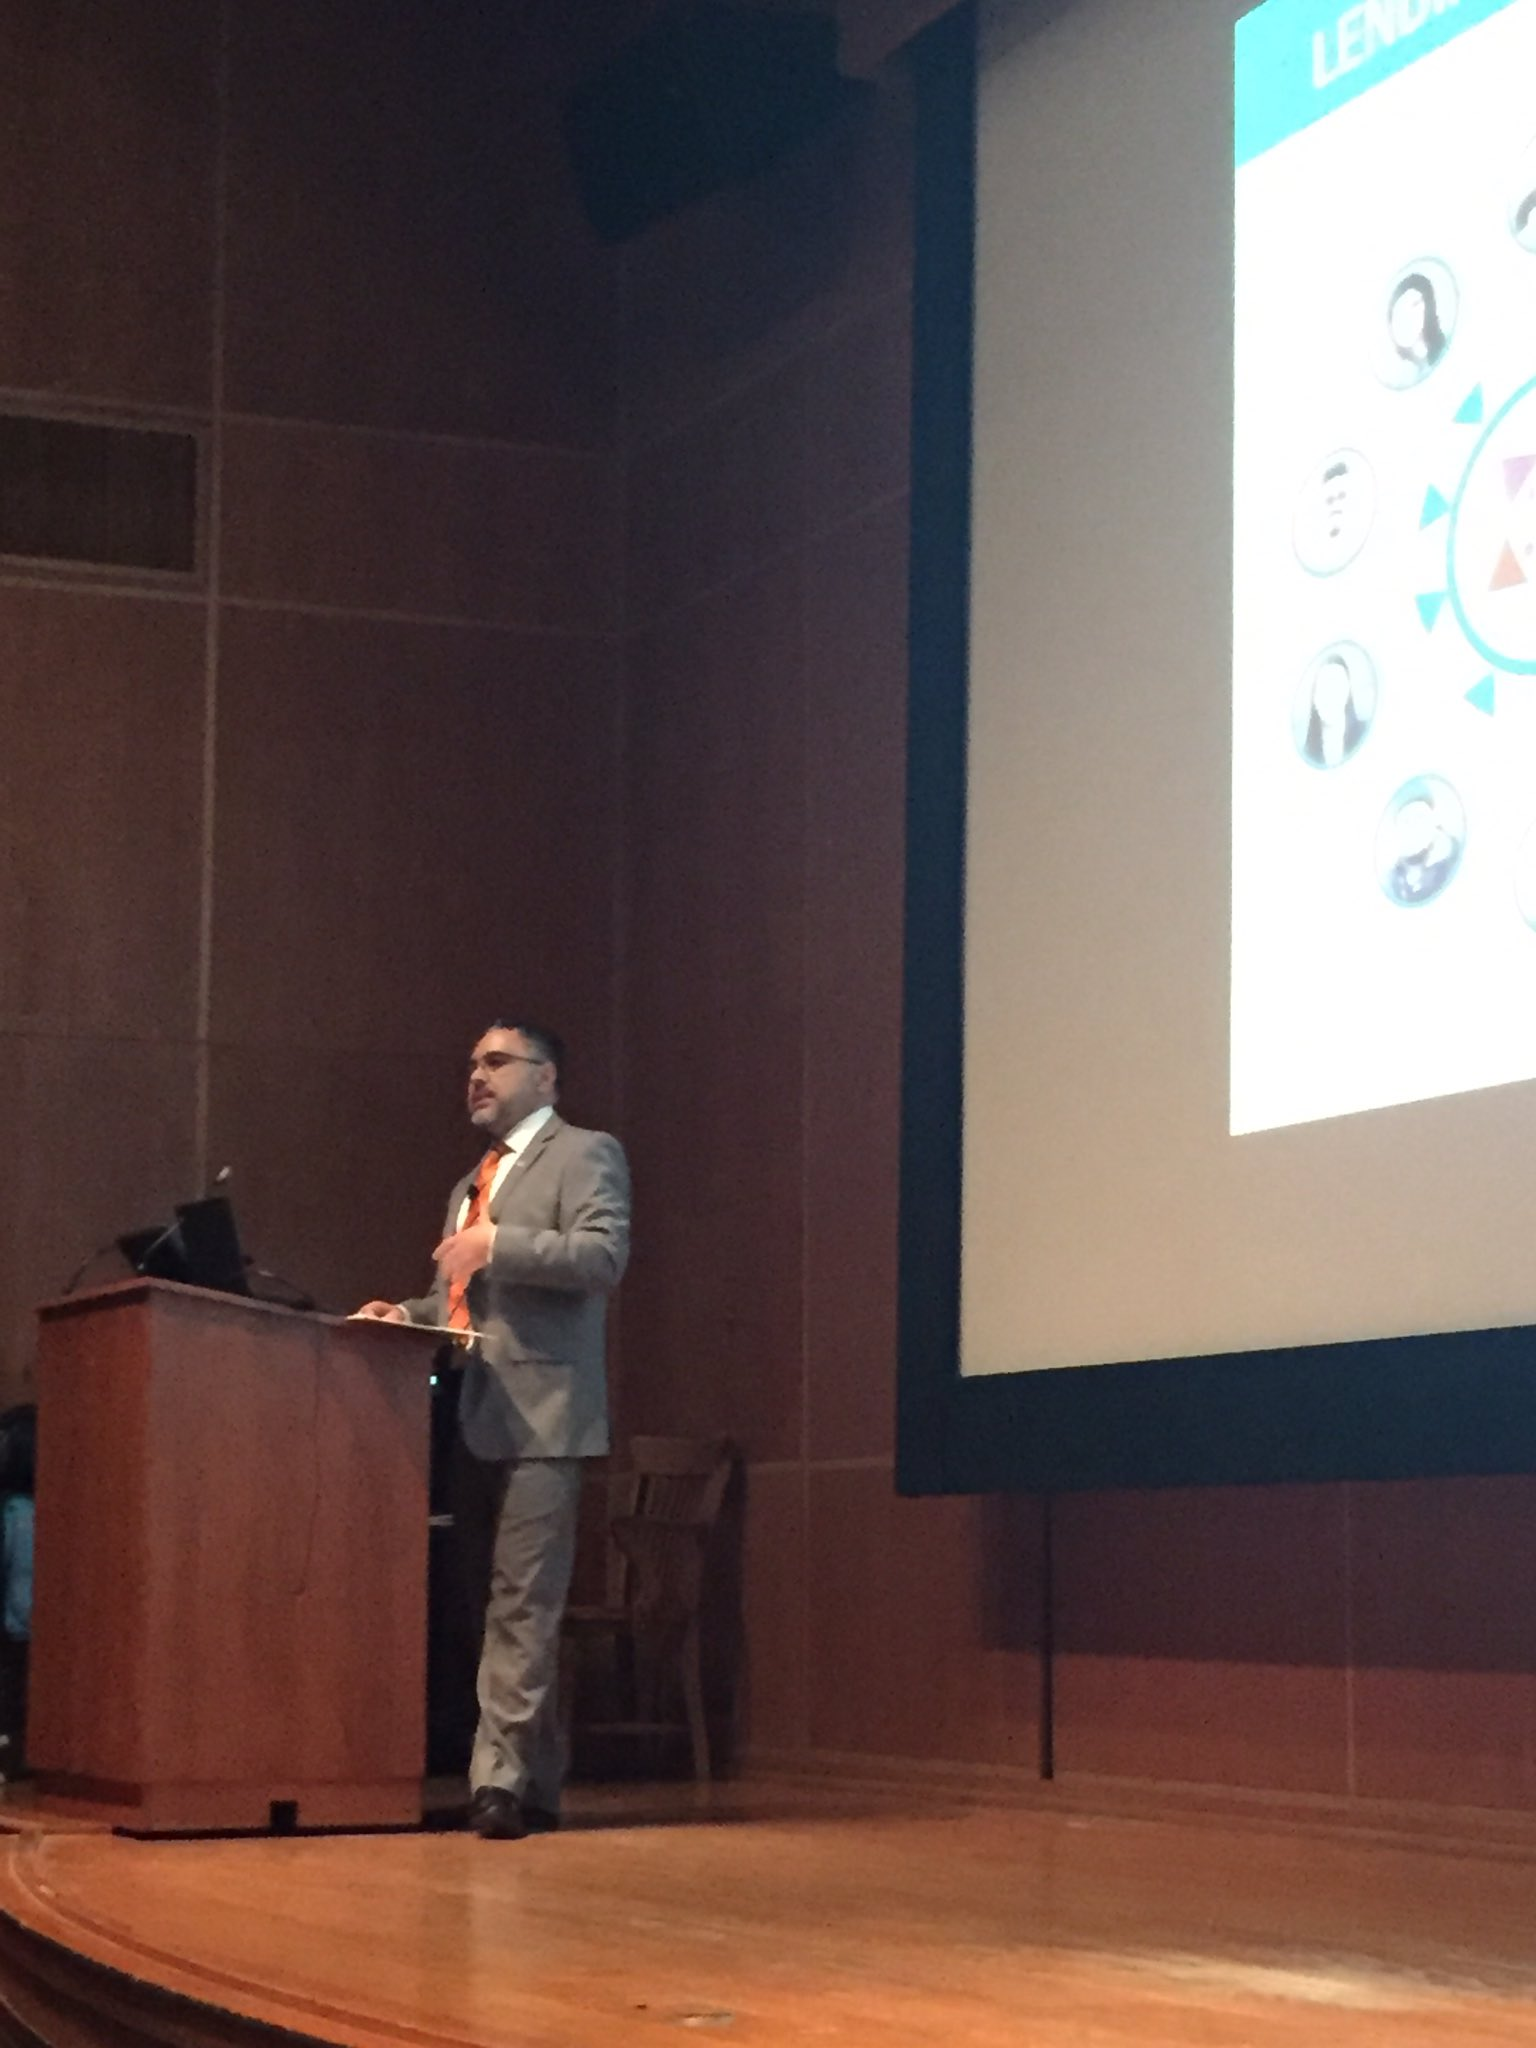 Immigrant, Princeton Alumnus, Genius - Jose Quinones of the @MAFpajarito kicking off #AdelantePrinceton @princetonalumni @Princeton https://t.co/h1E1Zb20iX